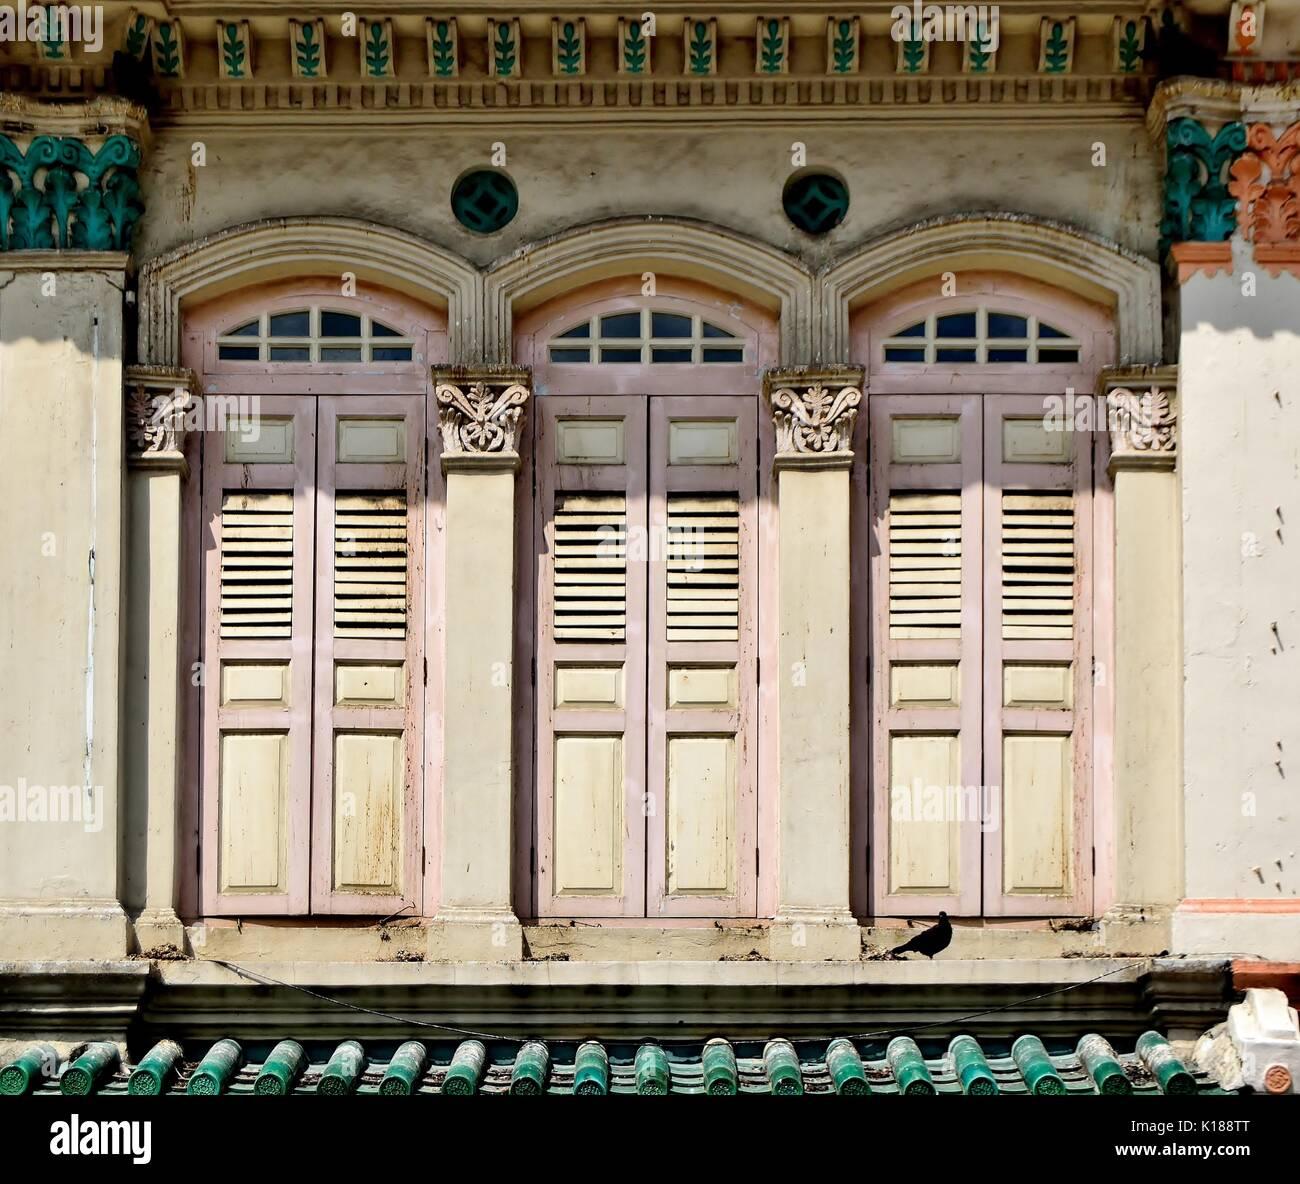 Traditionelle Shop Haus Außen Mit Rosa Hölzerne Lamellenfensterläden,  Bogenfenster Und Korinthische Säulen Im Stadtteil Little India, Singapur